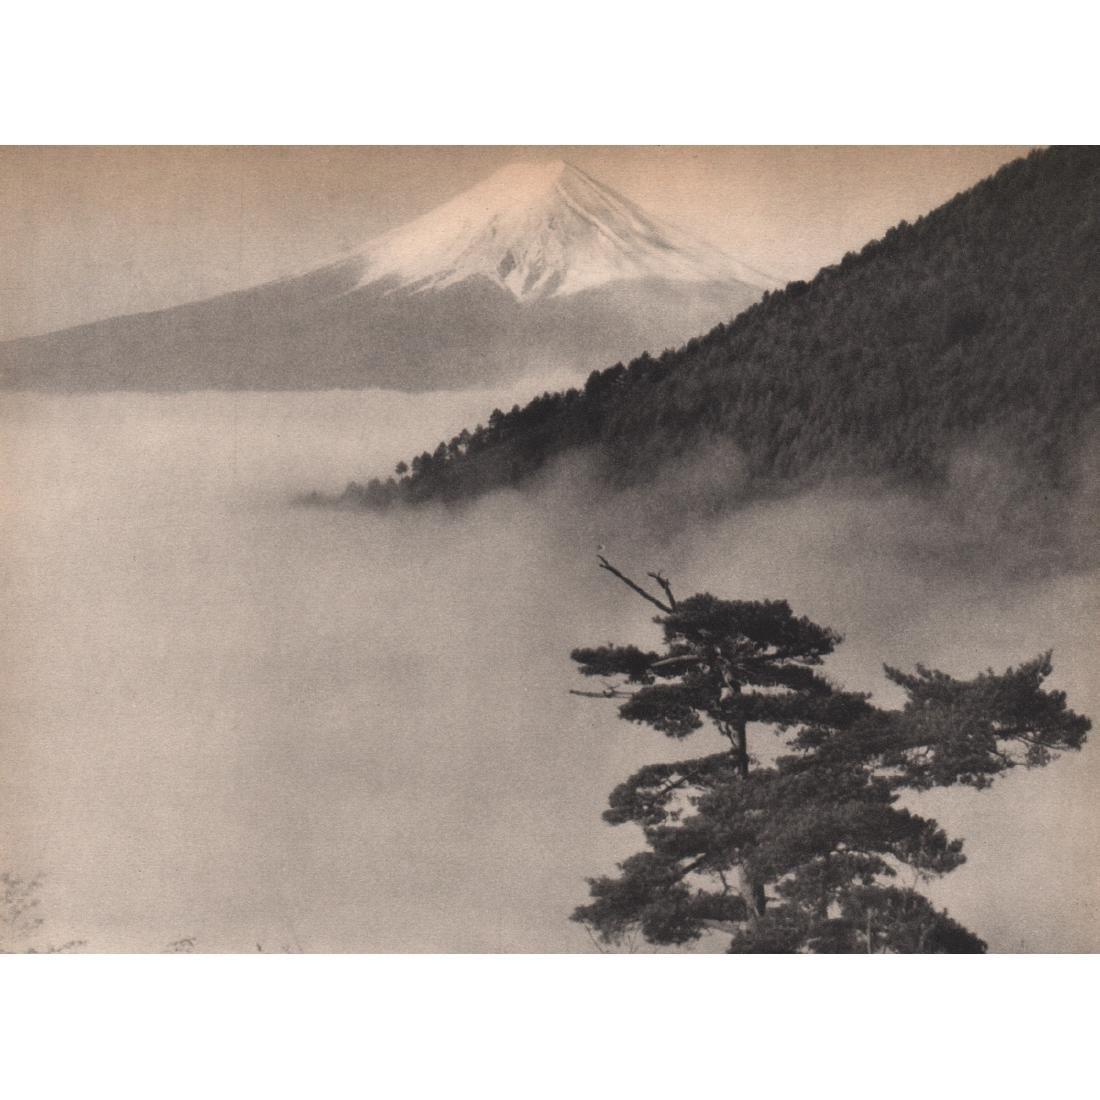 MARUMO SHINICHI - Mount Fujiyama